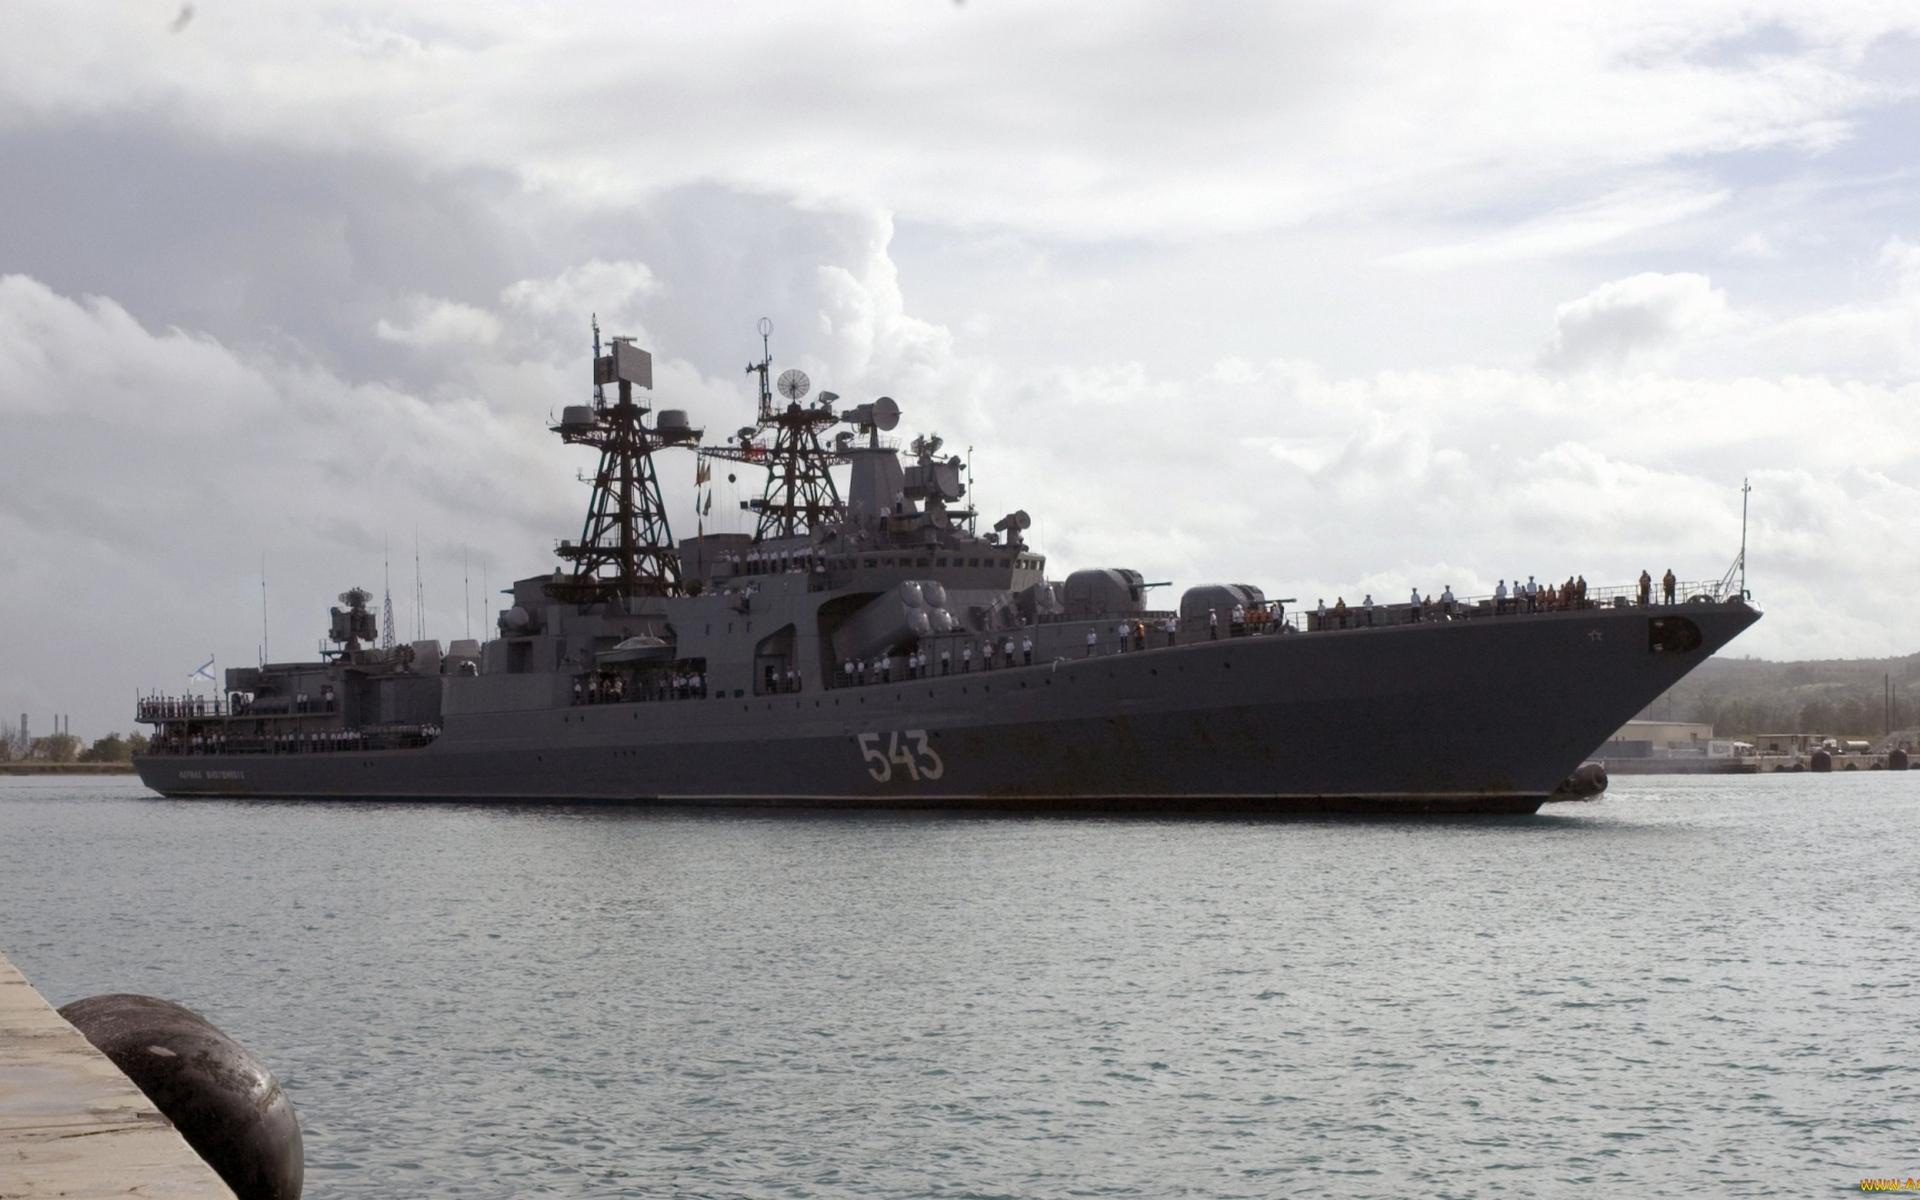 военный корабль, палуба, вооружение